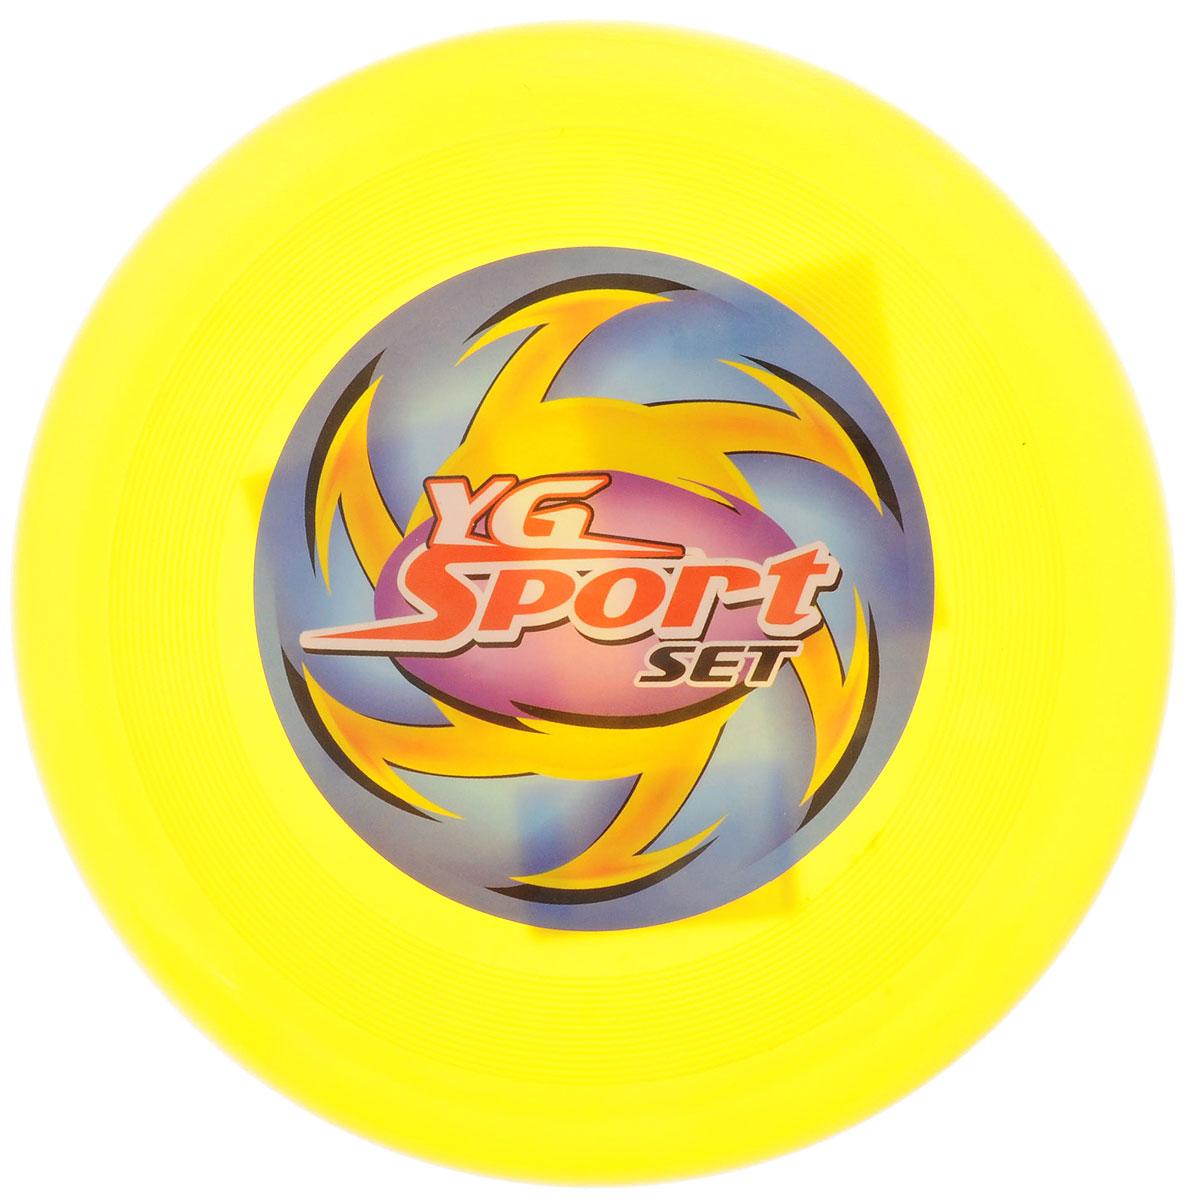 YG Sport Летающий диск цвет желтый ce approved 380v 4kw vfd variable frequency drive vfd inverter 3phase frequency inverter spindle motor speed control